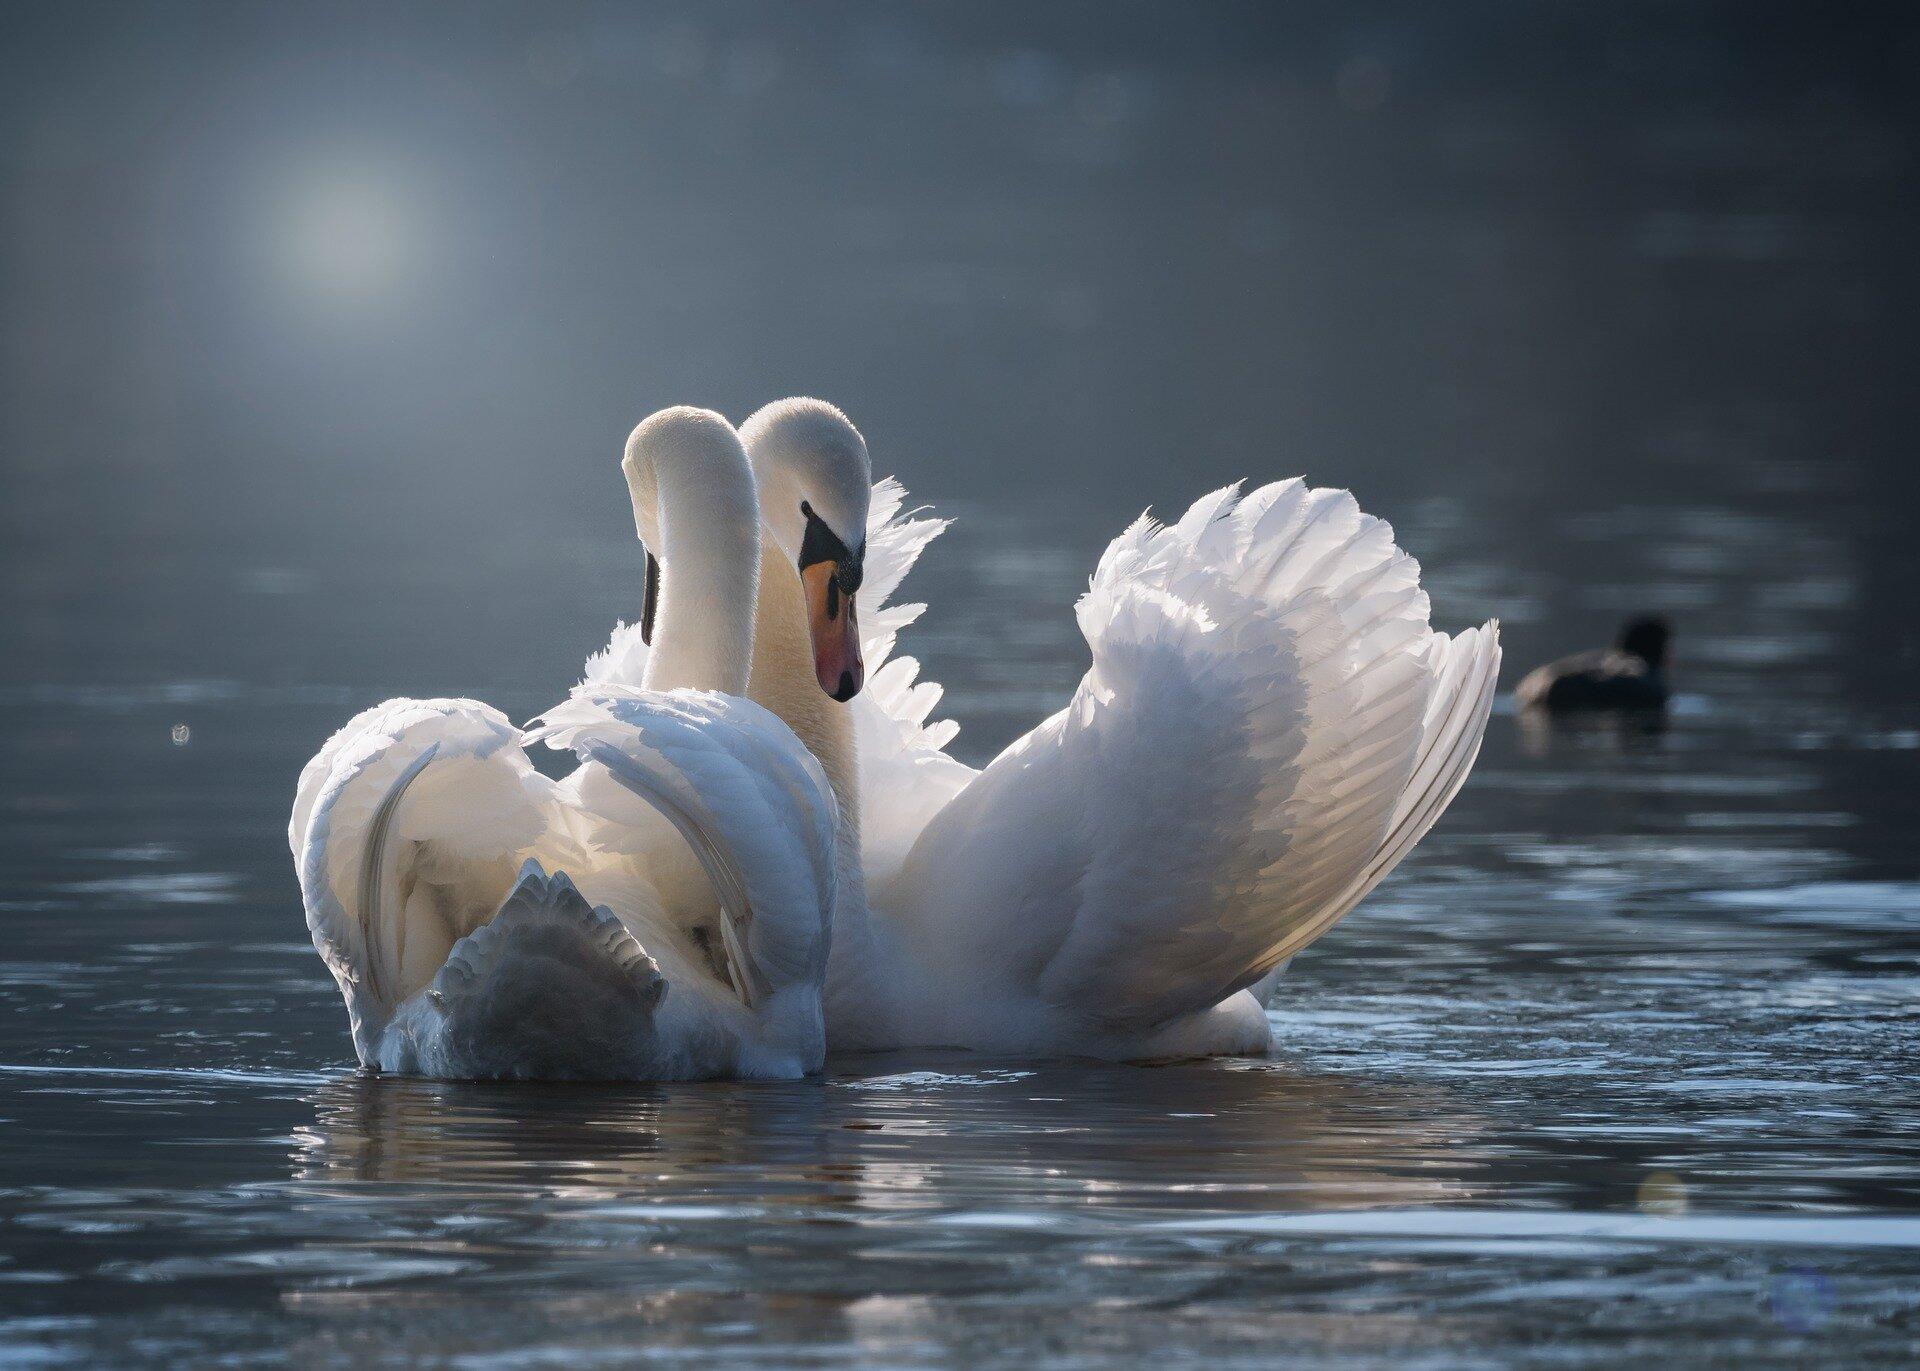 swan-4013225_1920.jpg